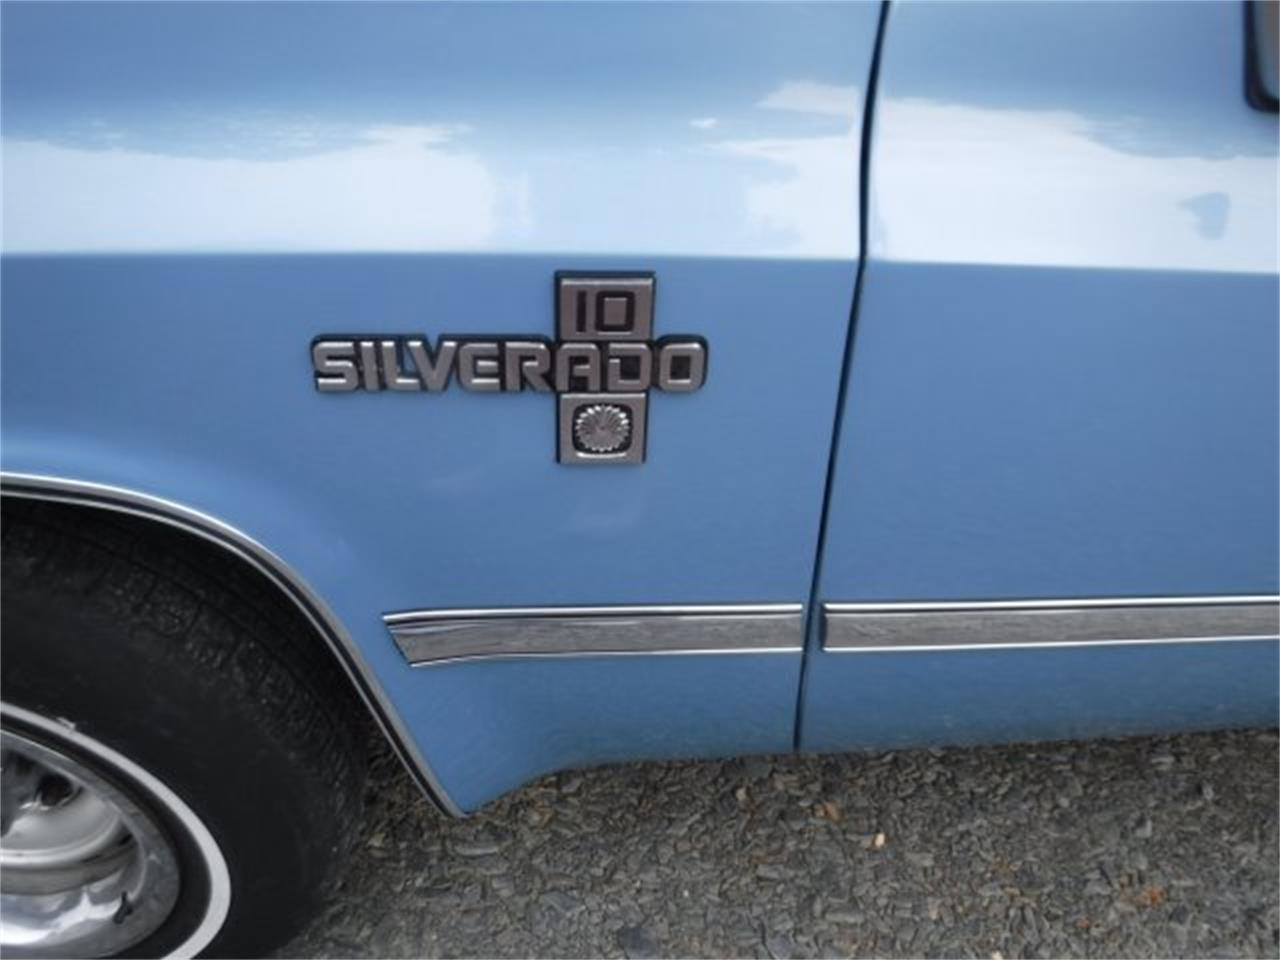 1985 Chevrolet Silverado (CC-1272761) for sale in Milford, Ohio